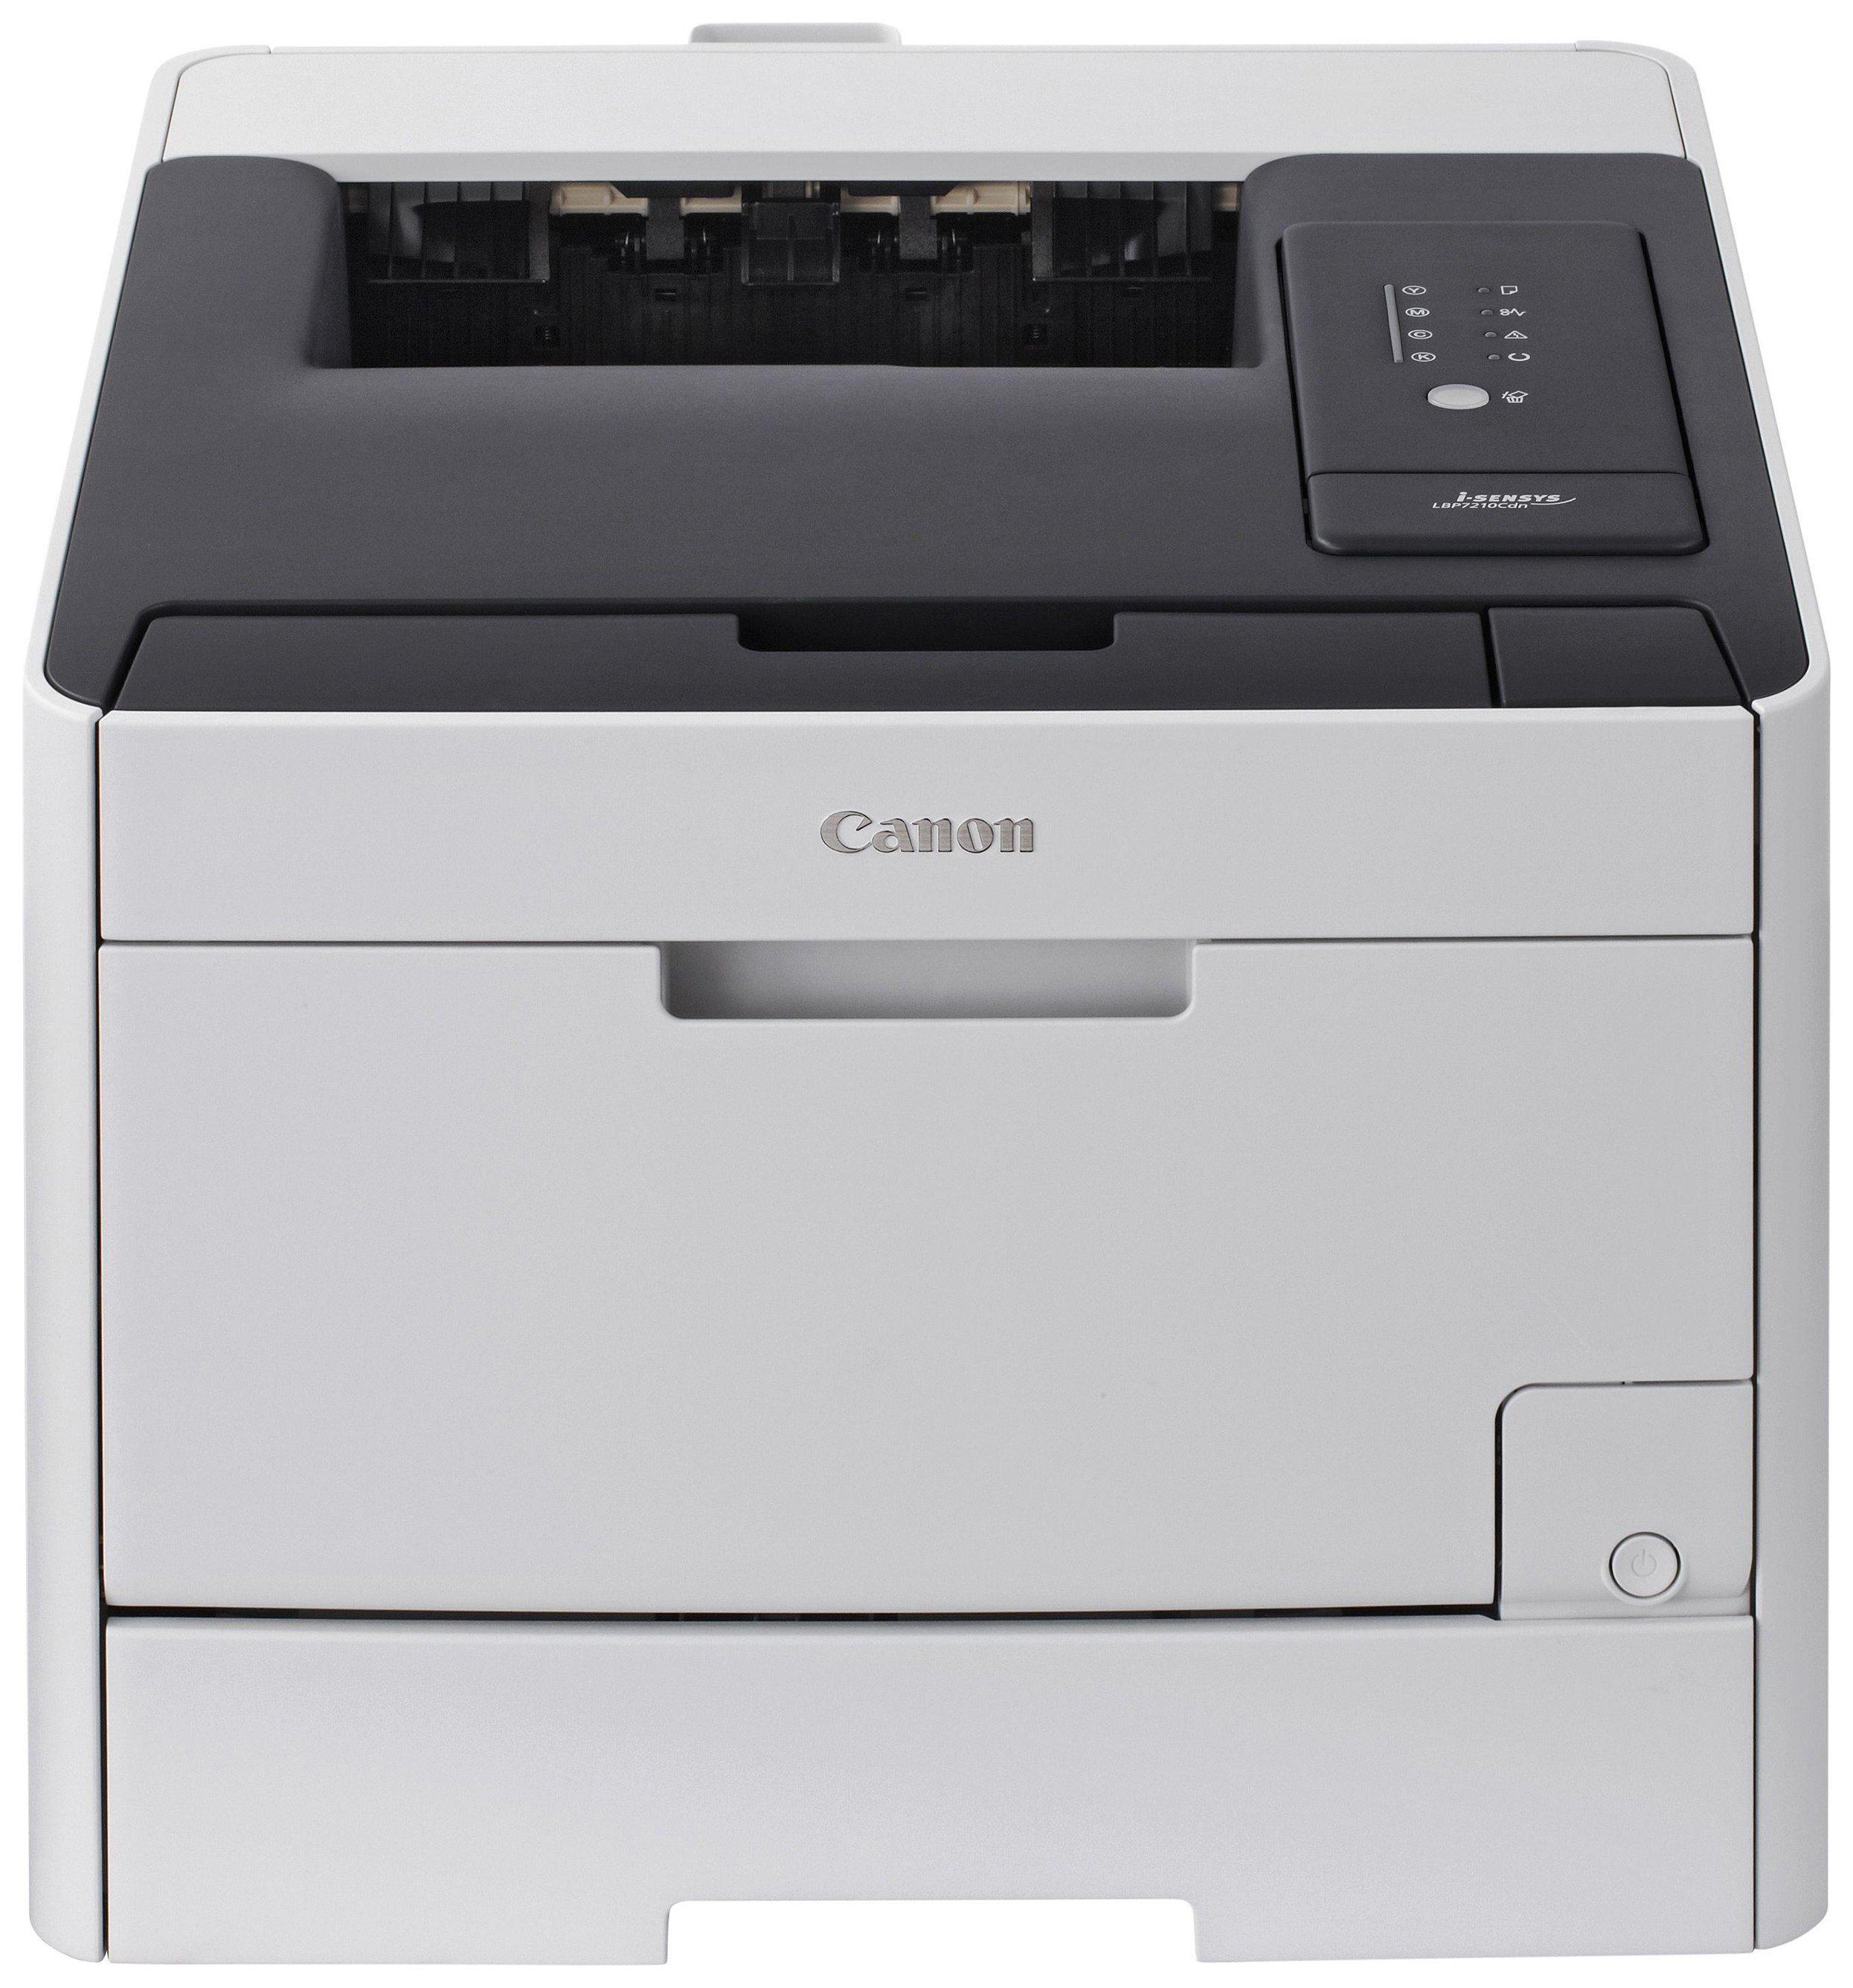 canon-i-sensys-lbp7210cdn-colour-laser-printer